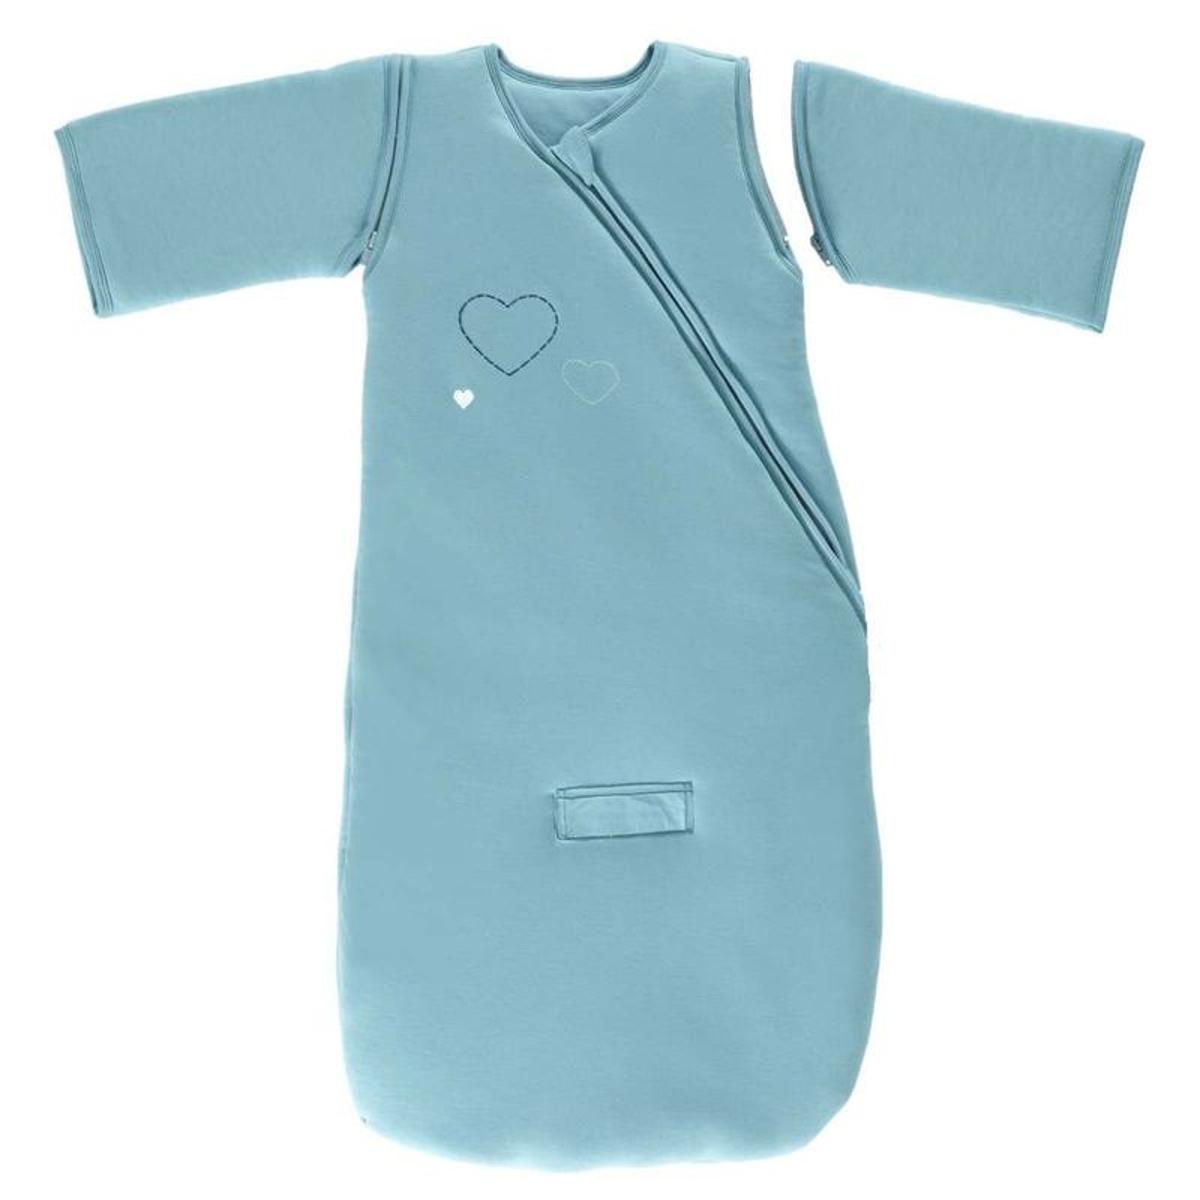 Gigoteuse manches jersey coeur coton bio 90 cm Ptit Basile bleue